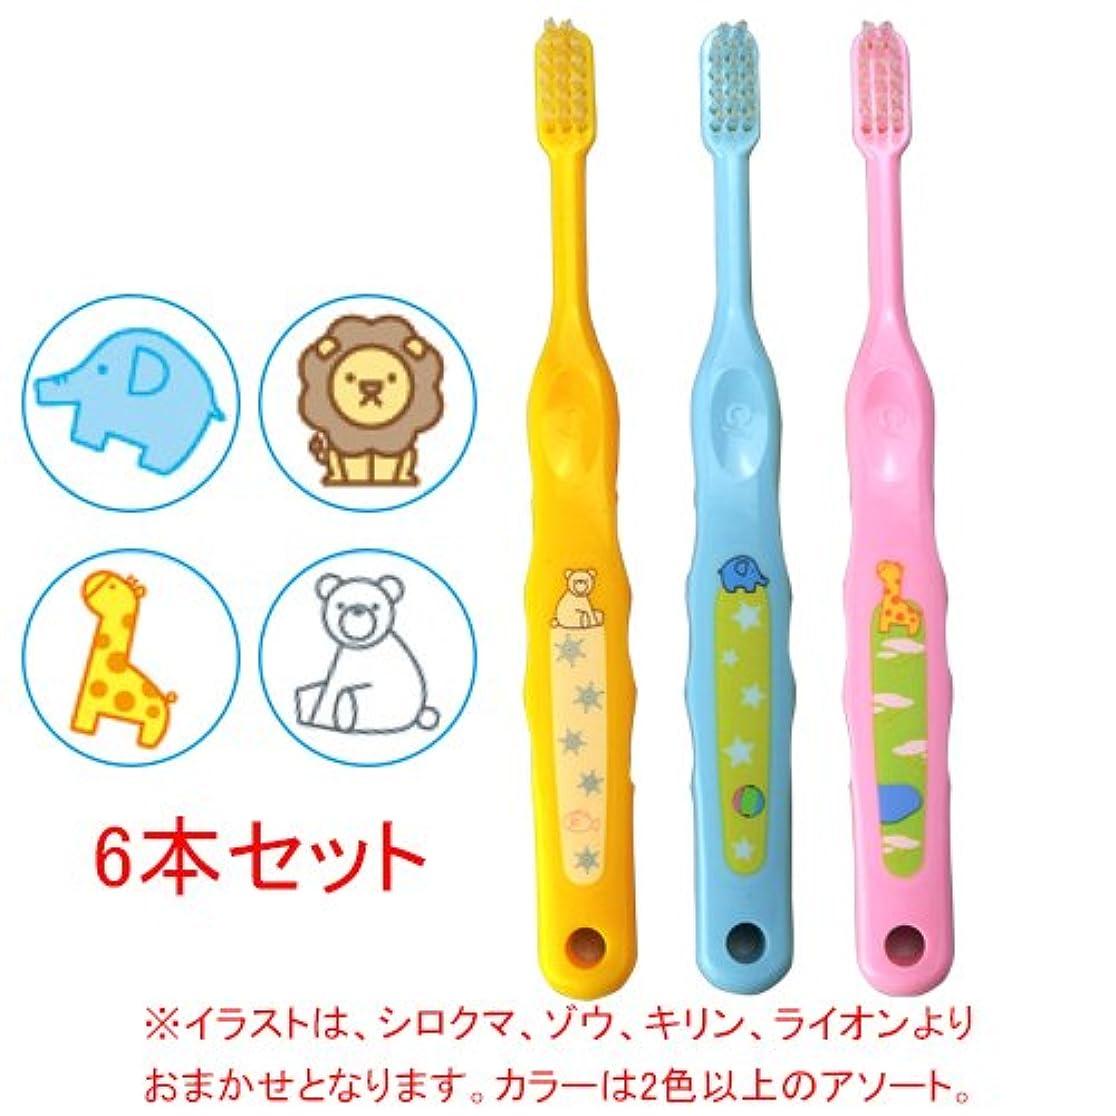 美人品マルコポーロCiメディカル Ci なまえ歯ブラシ 503 (やわらかめ) (乳児~小学生向)×6本